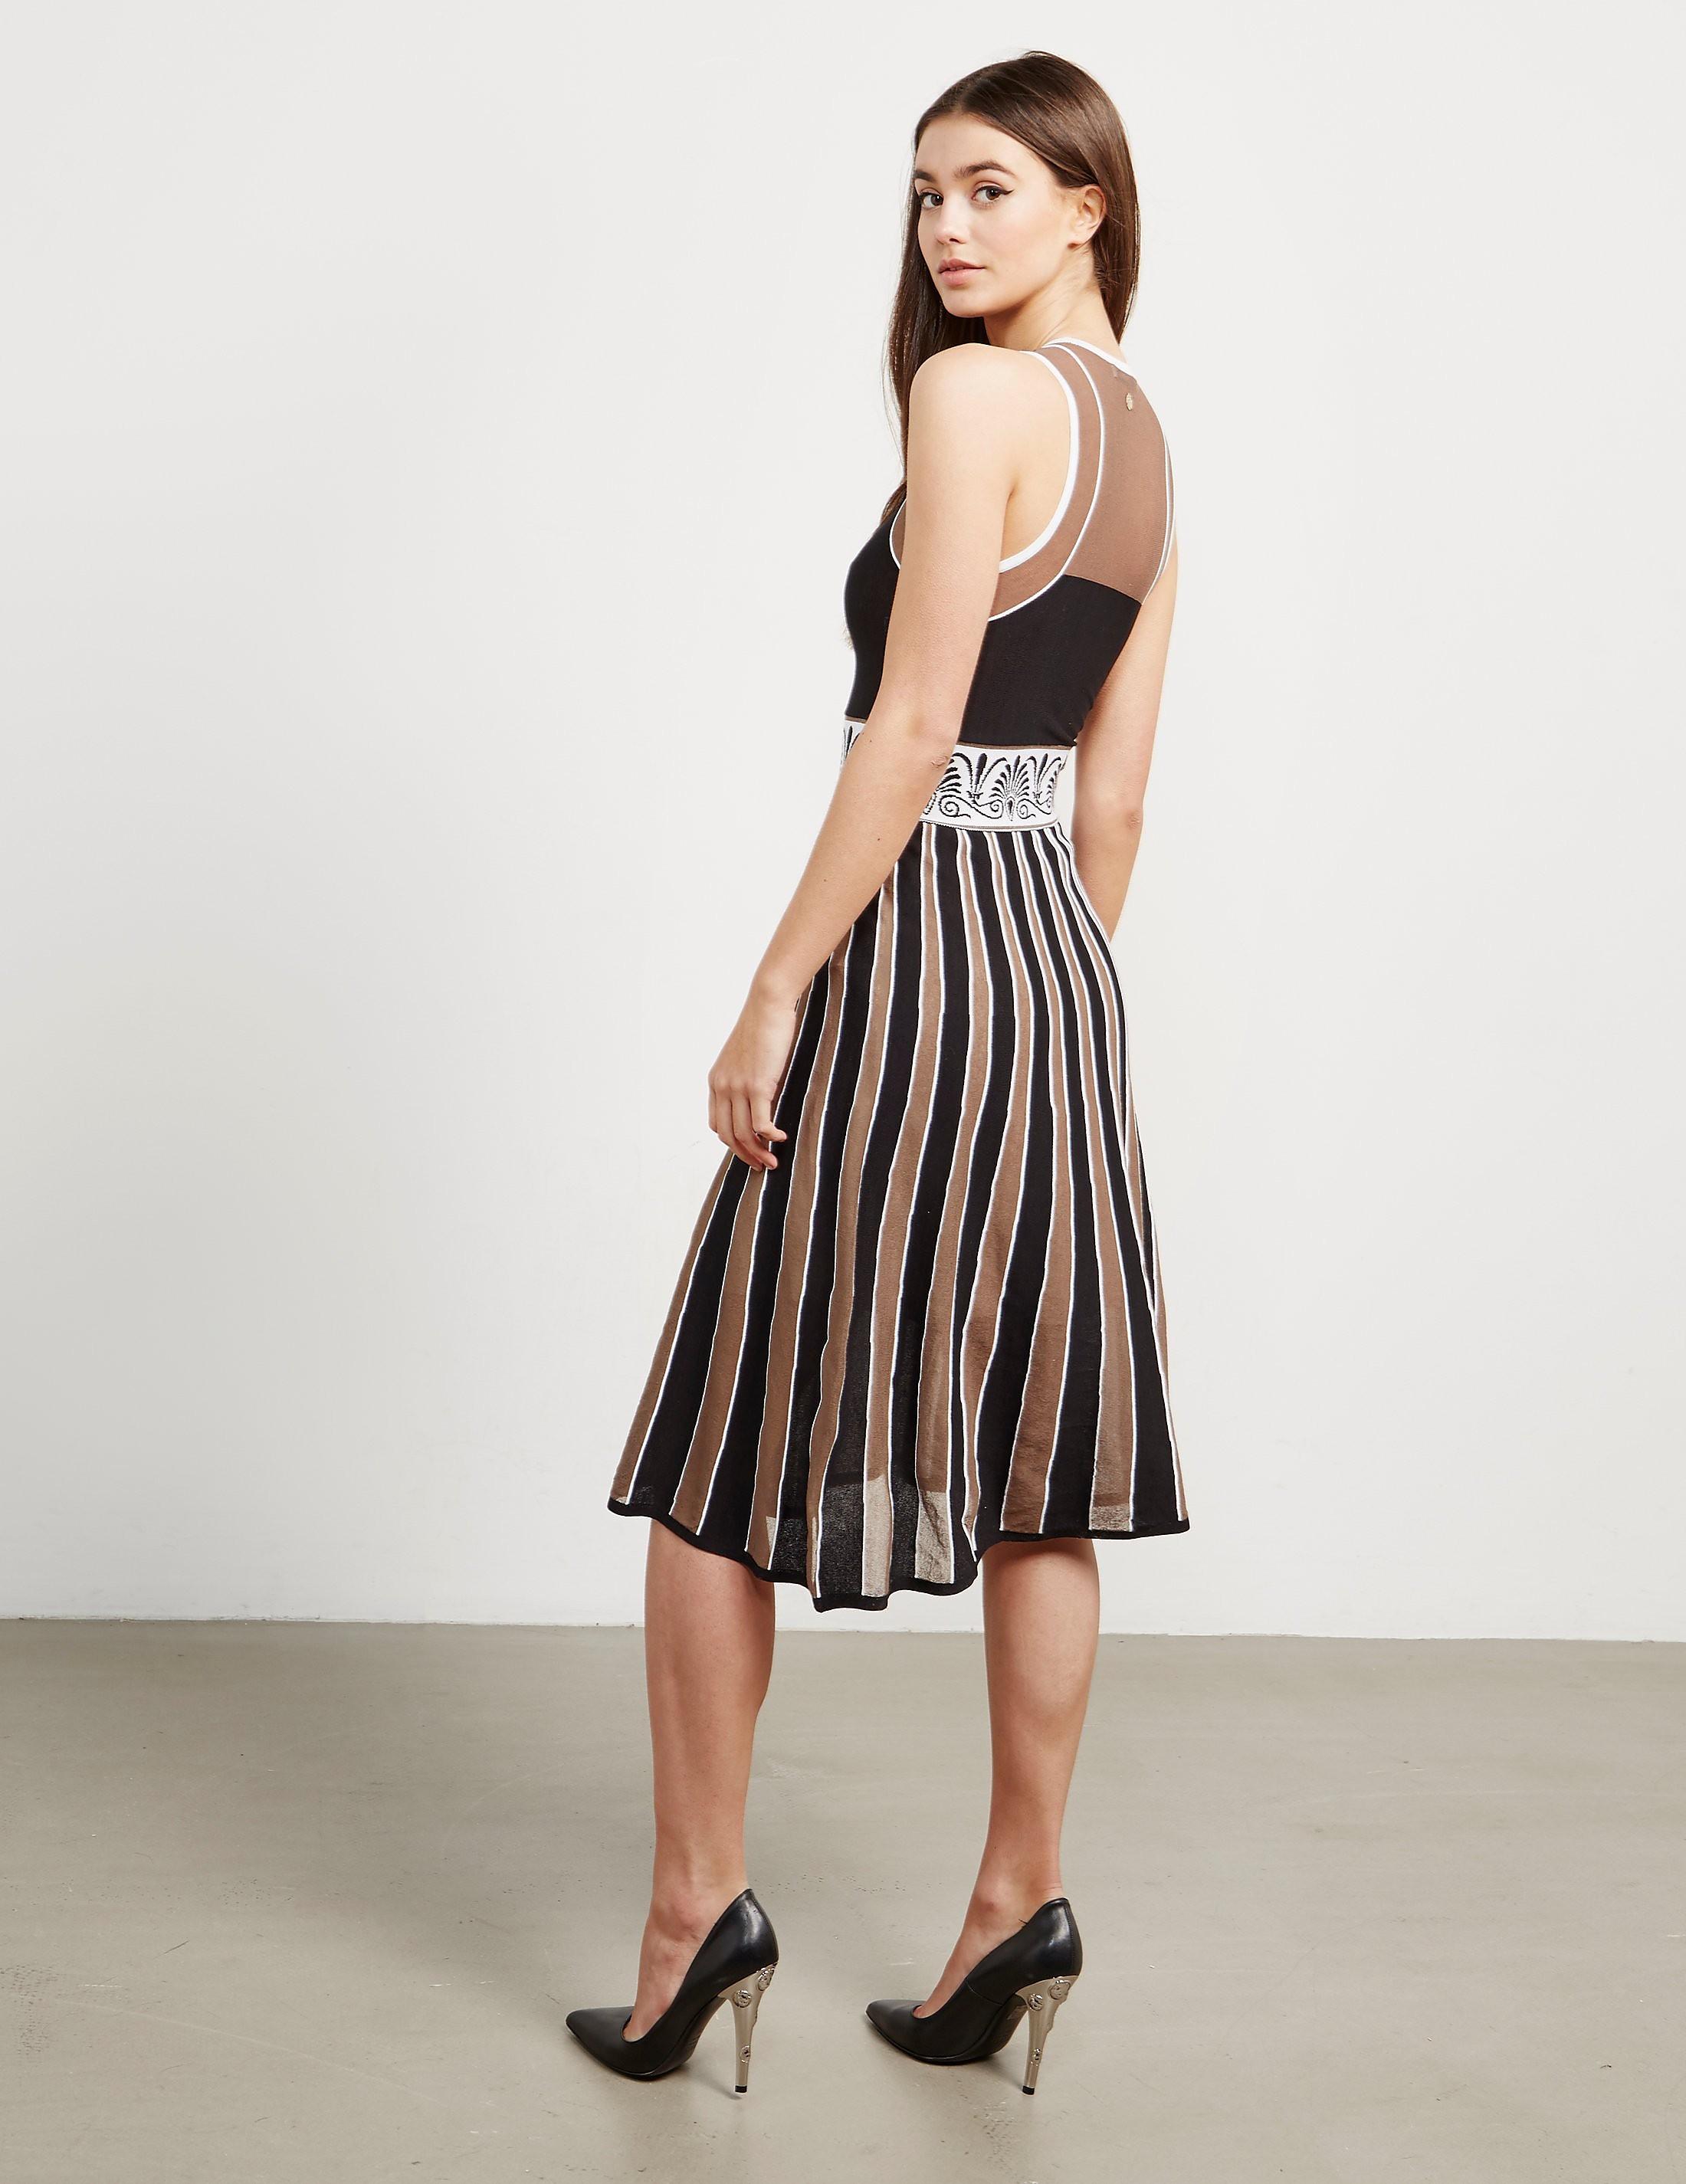 Versace Knitwear Dress